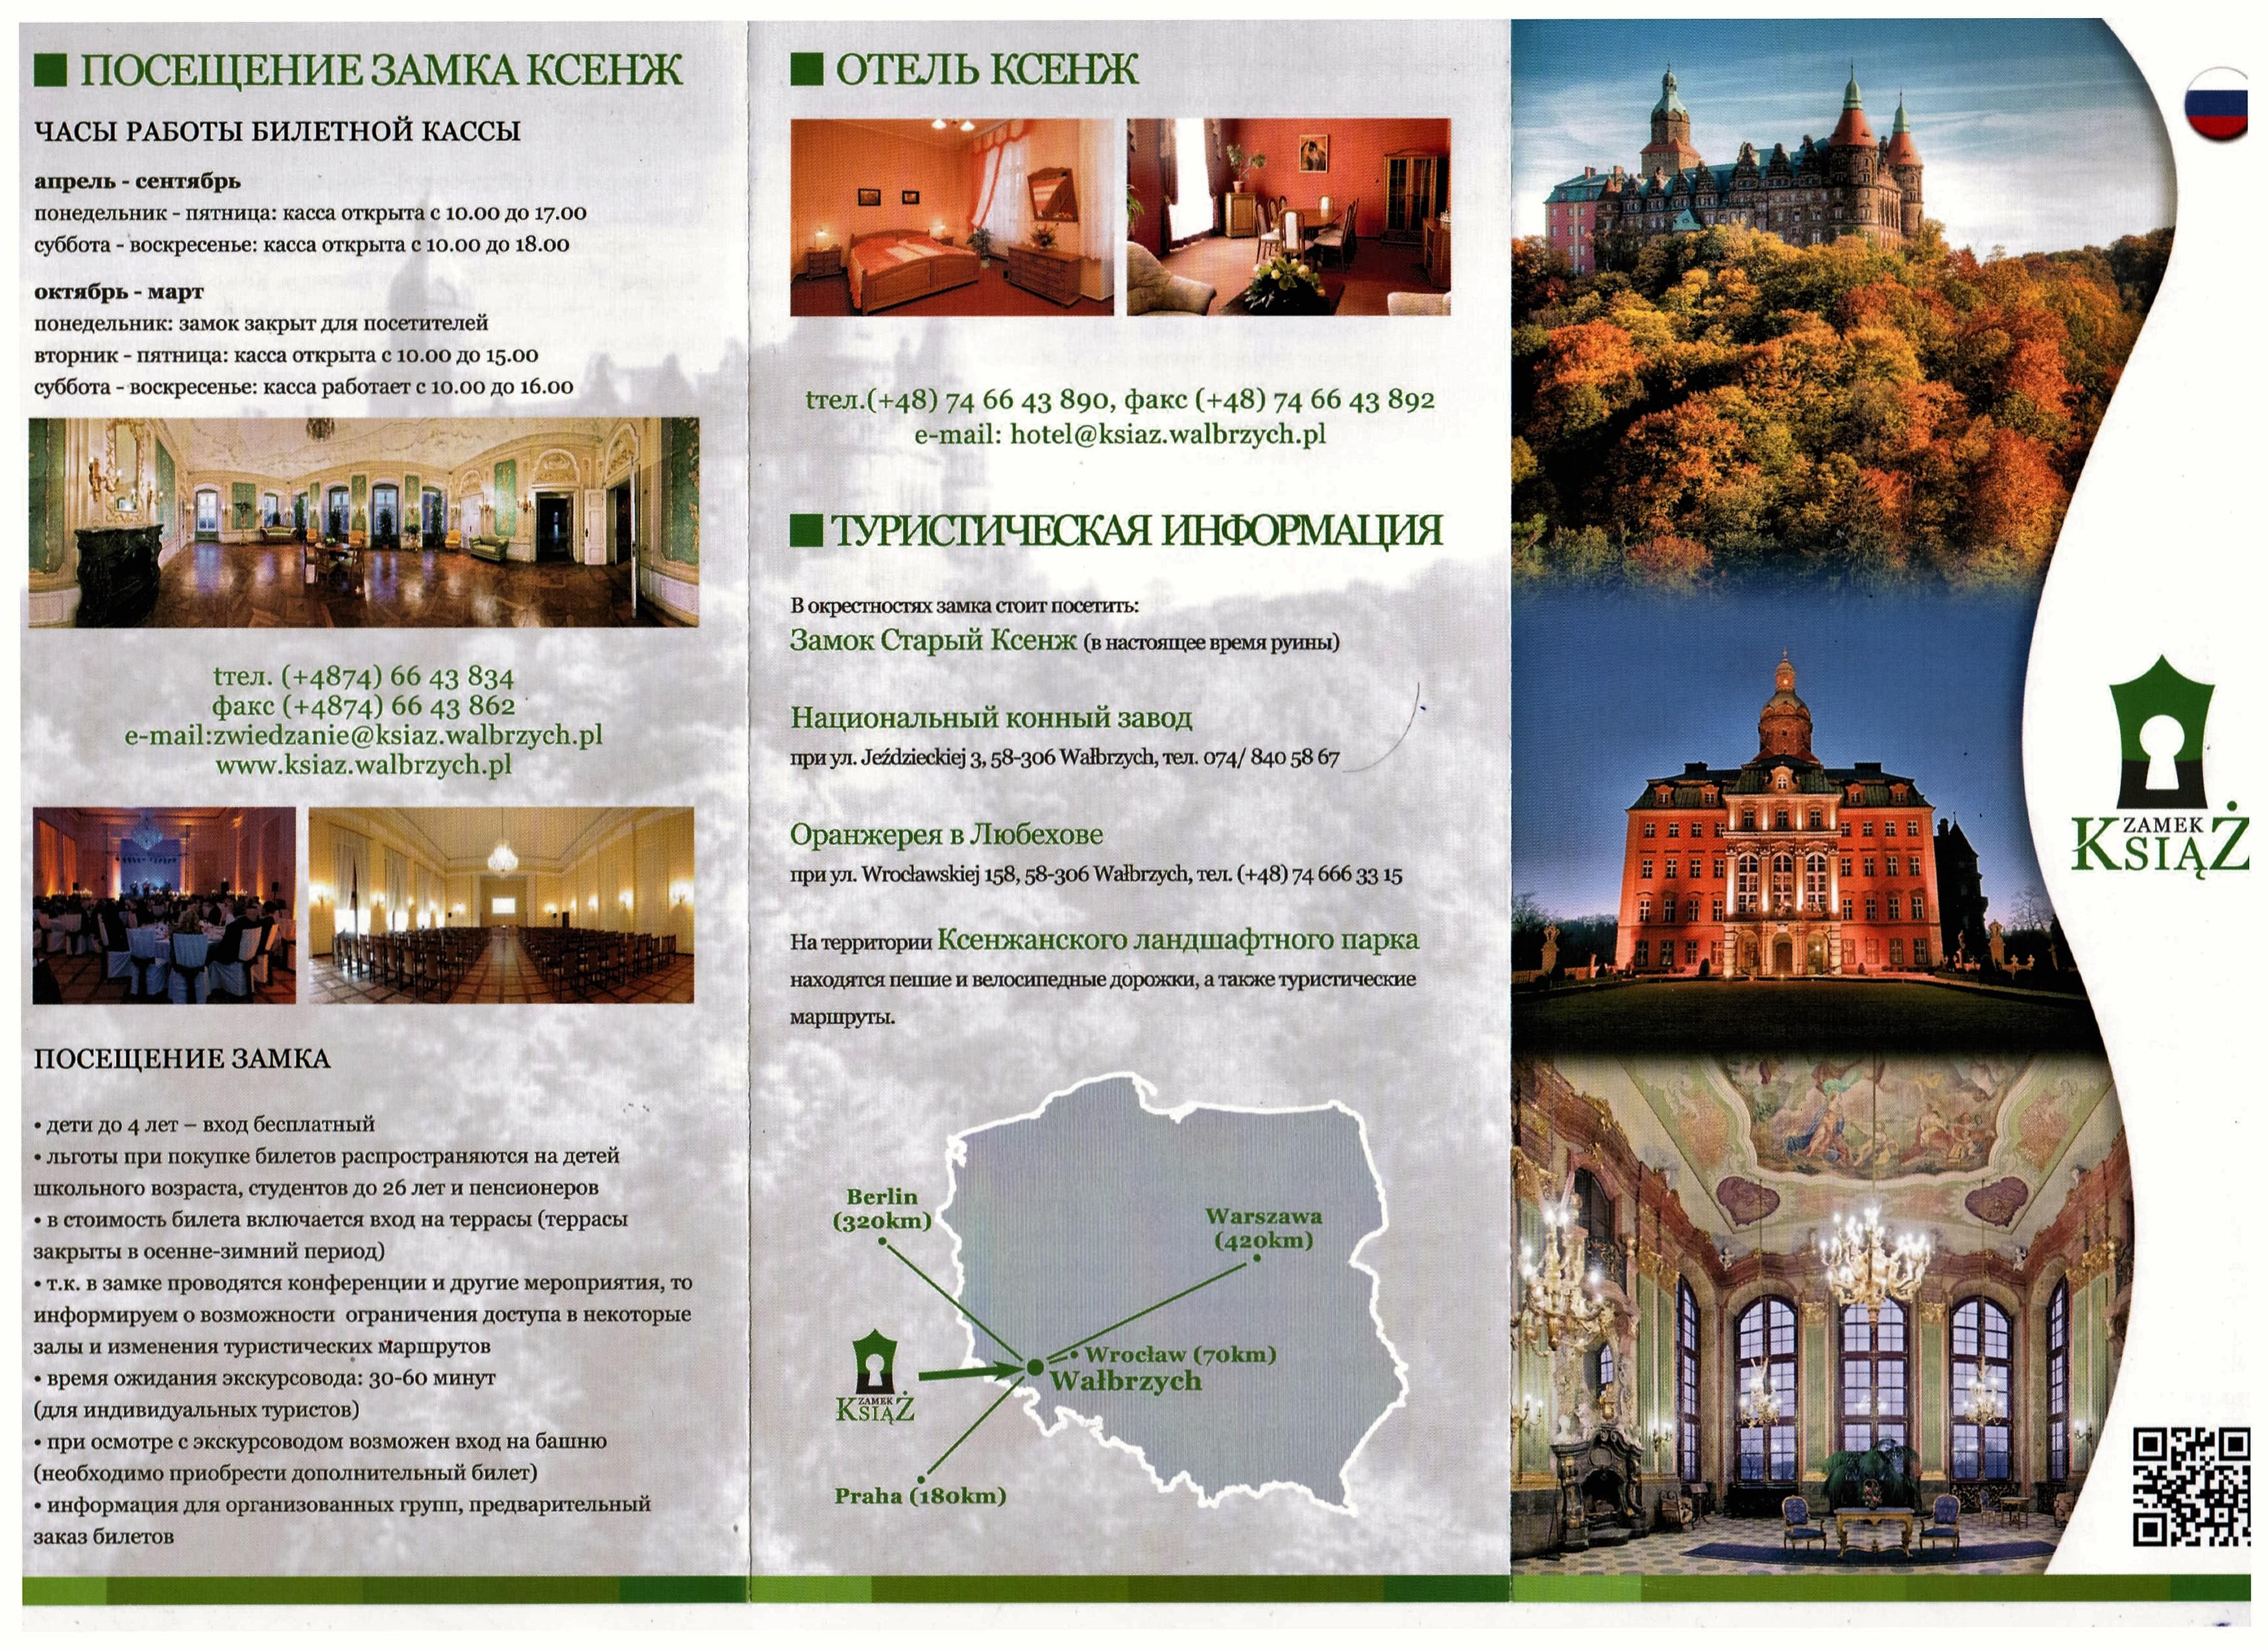 Практическая информация о замке Ксенж